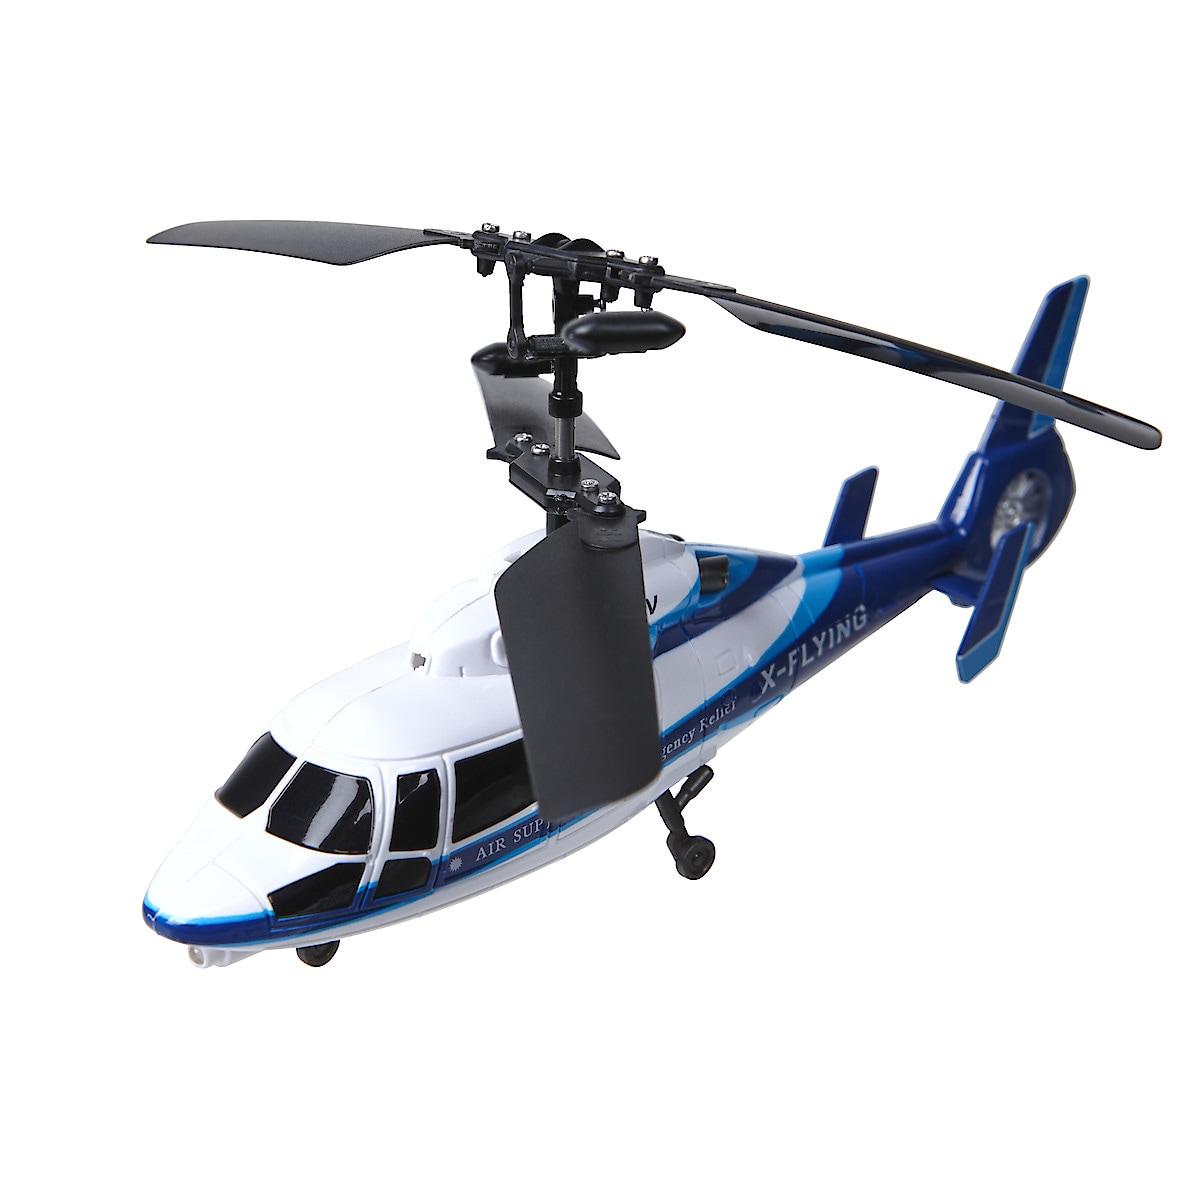 Radiostyrd bil och helikopter